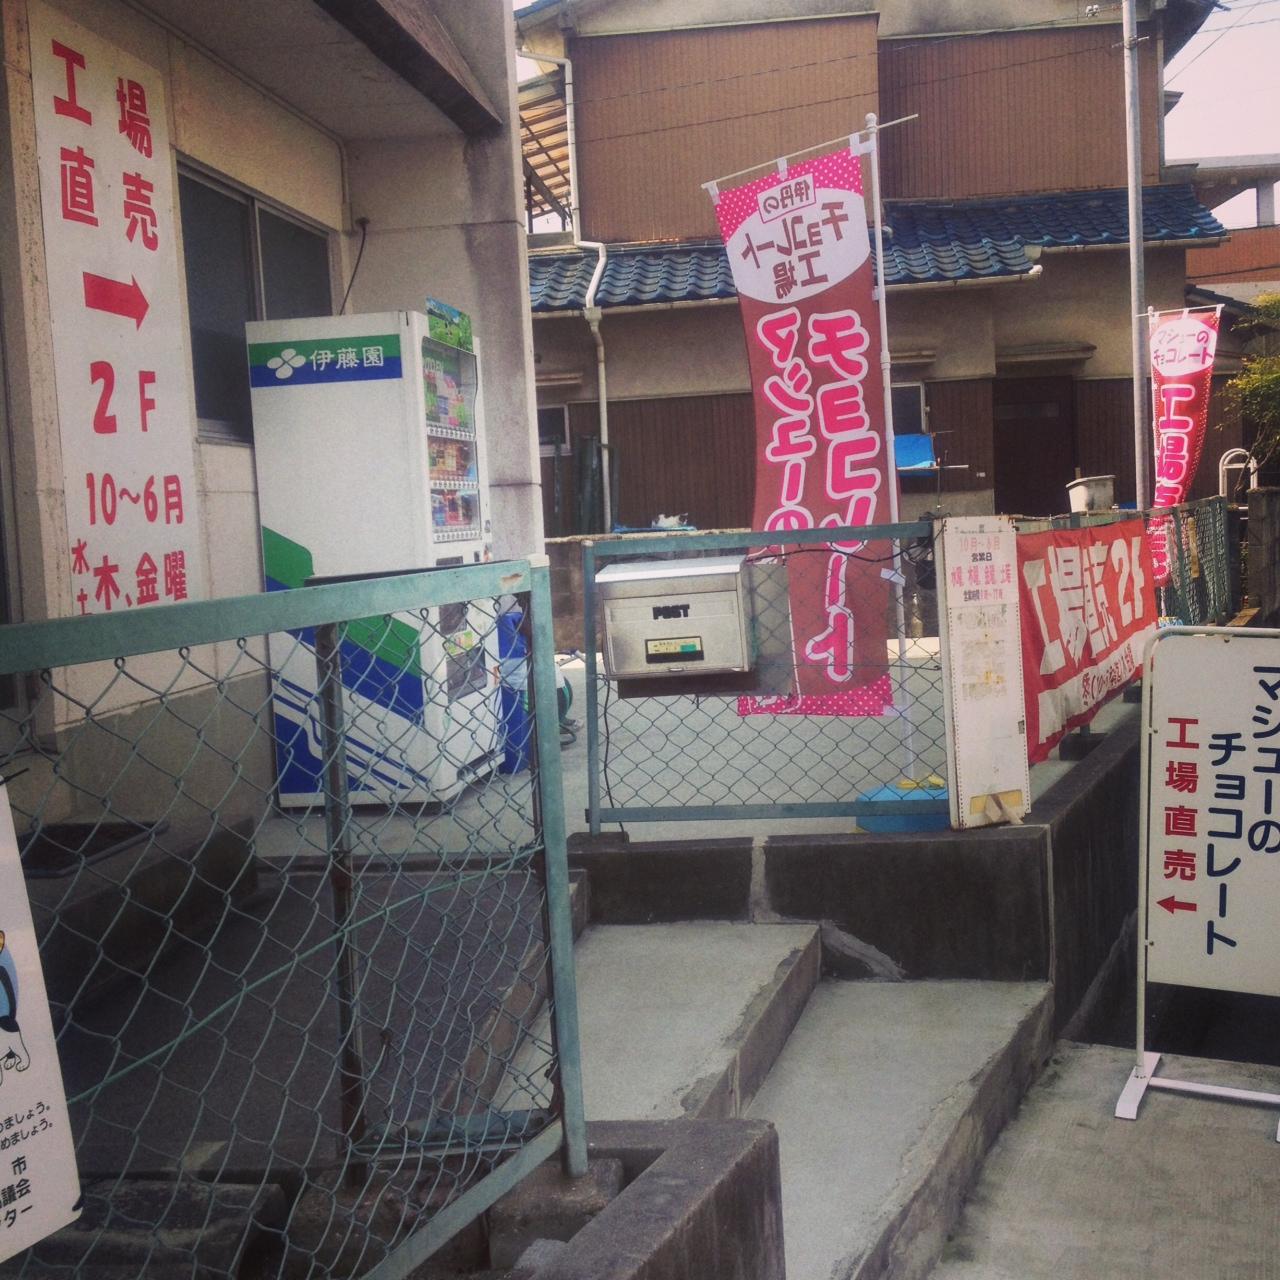 兵庫県伊丹市にあるマシューのチョコレート直売所